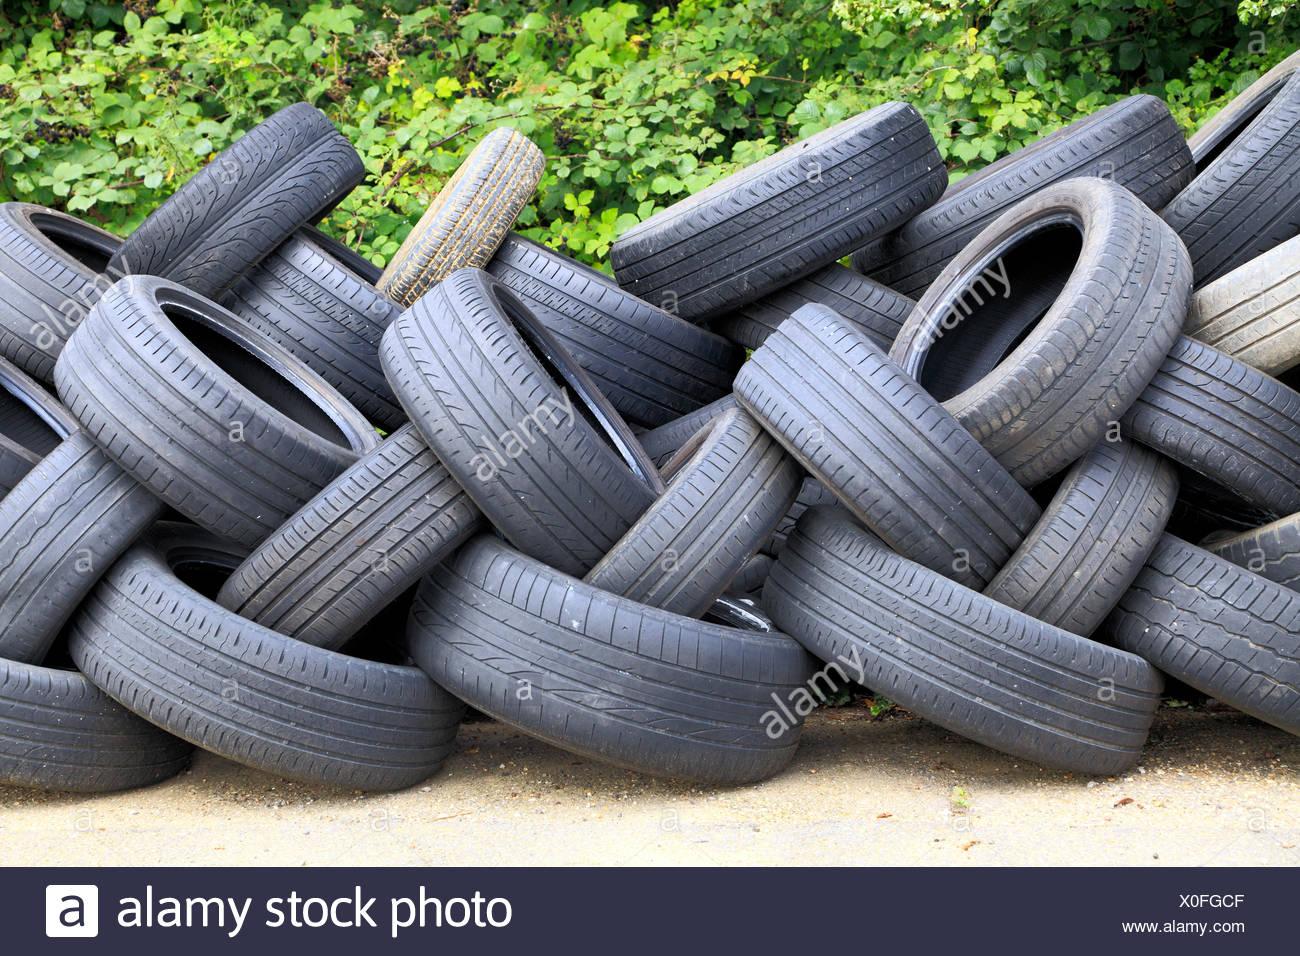 Abgenutzt, alt, Pkw Reifen, die für Recycling, England, Großbritannien Stockbild